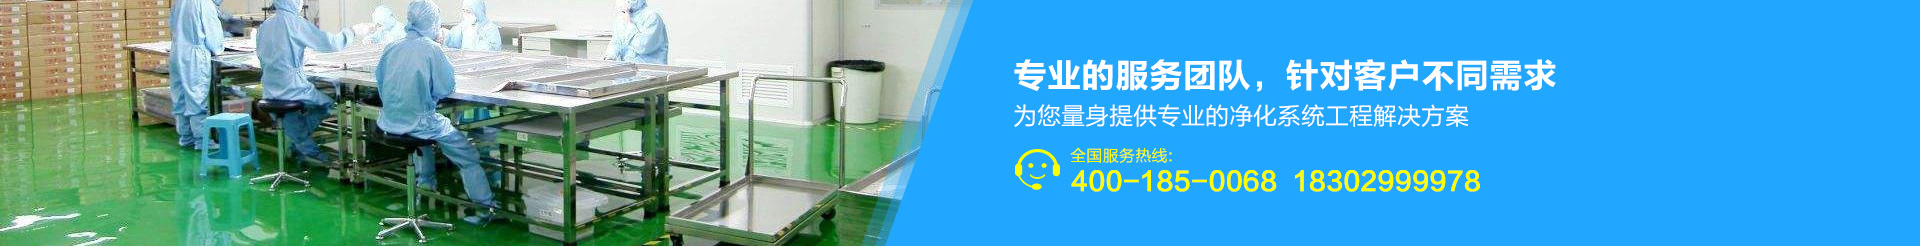 陕西海澳特针对不同行业提供洁净工程解决方案